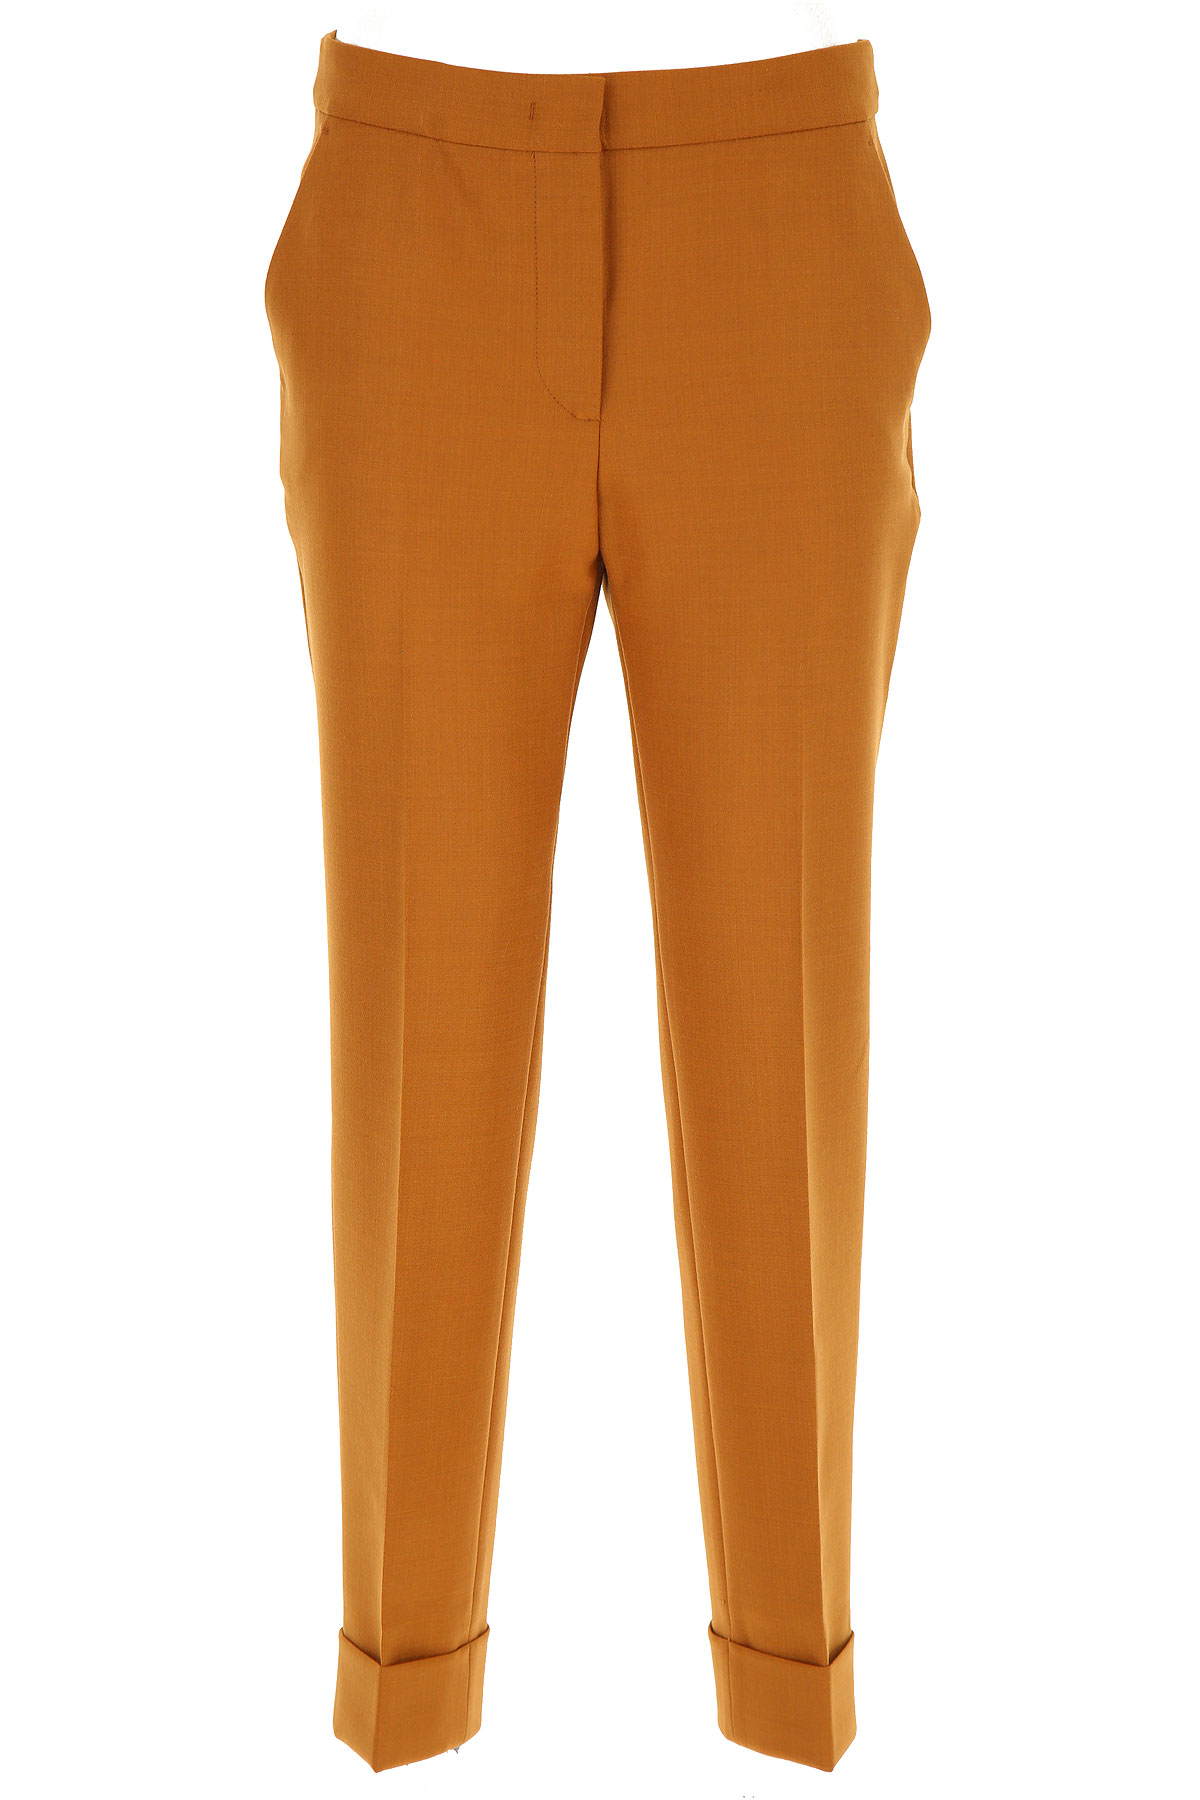 PT01 Pantalon Femme, Orange brique, Polyester, 2019, 42 46